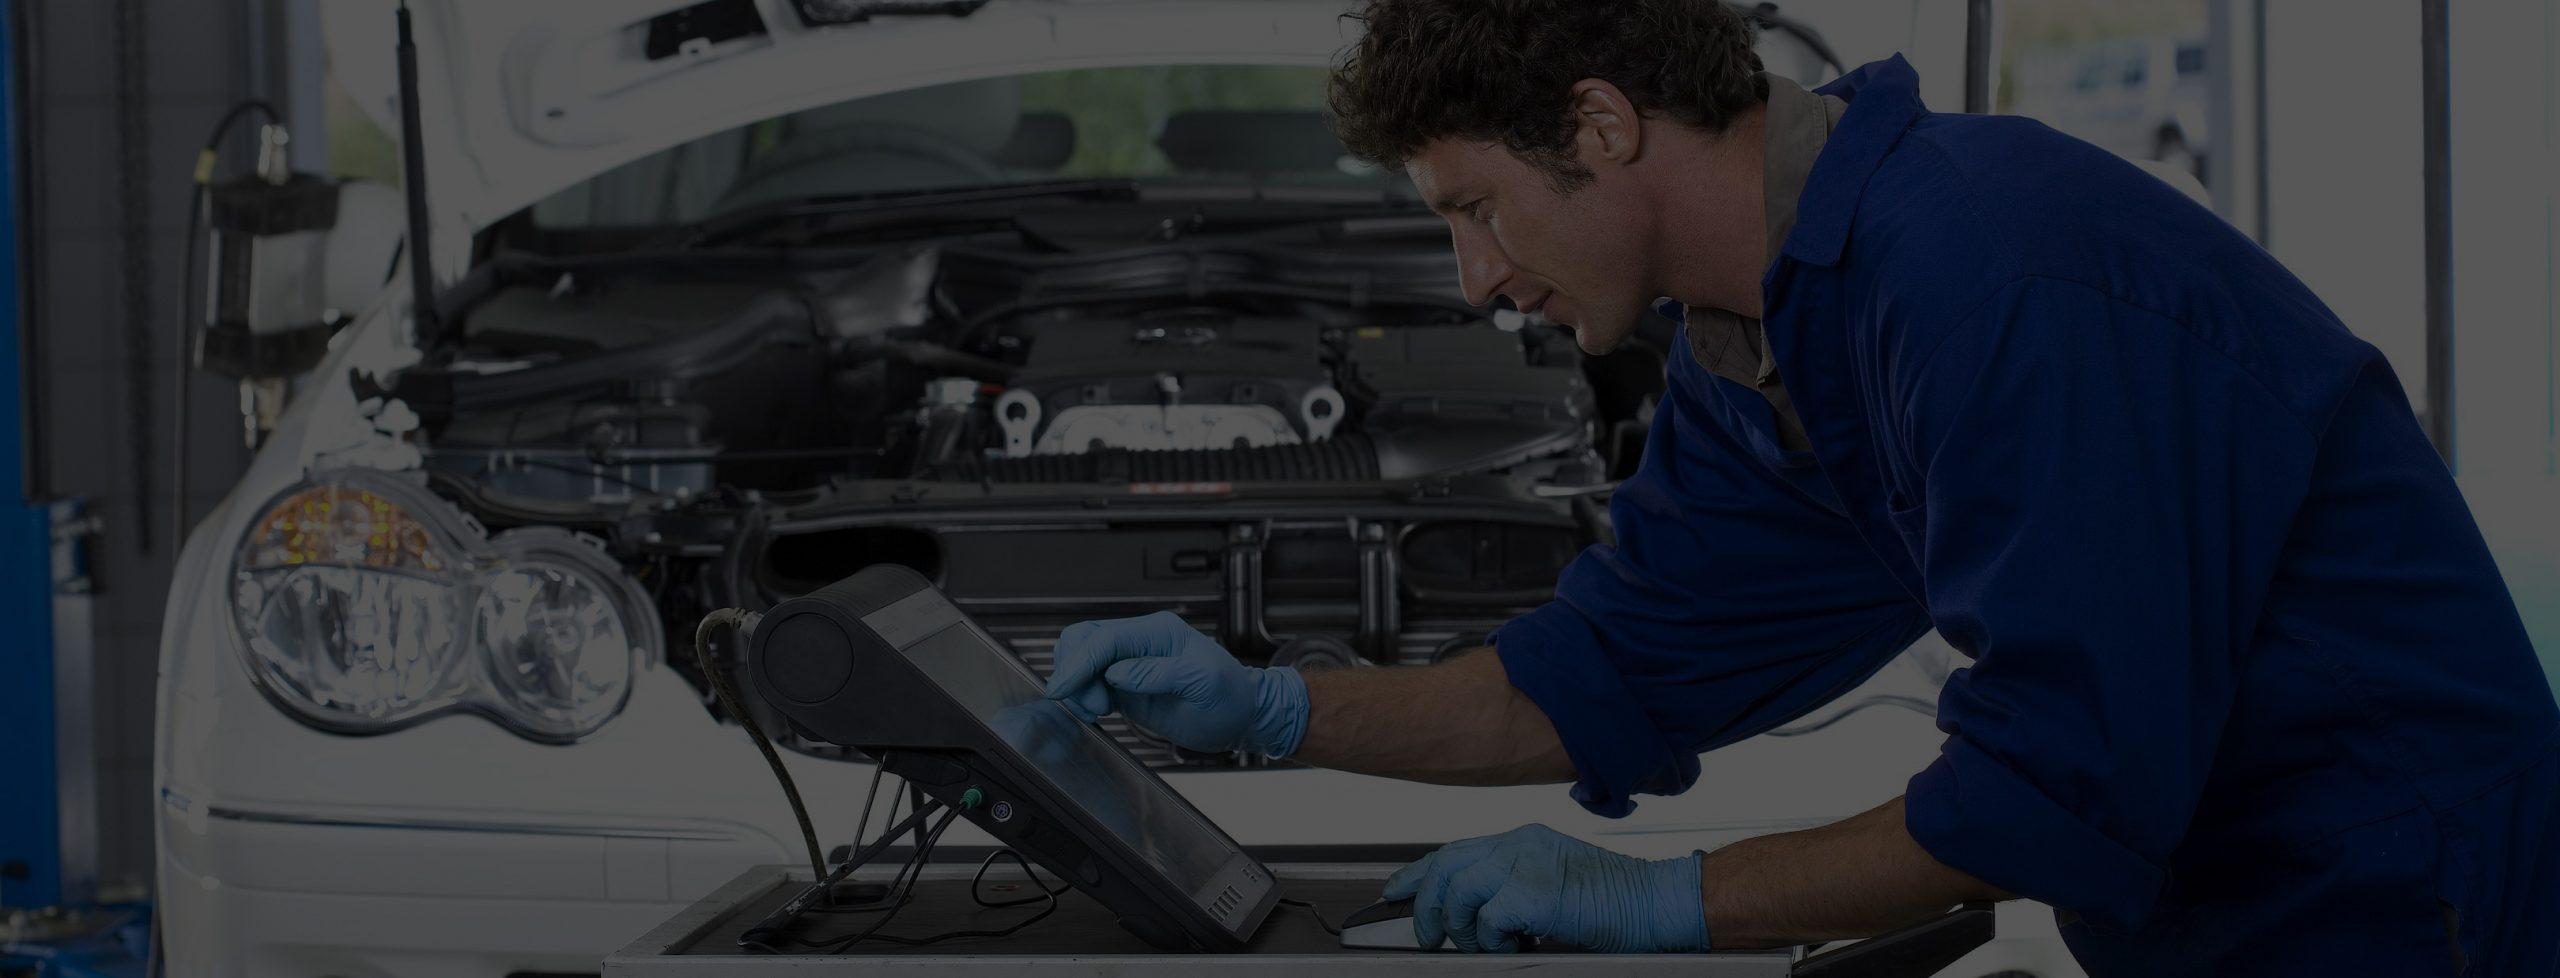 Atelier de réparation automobiles